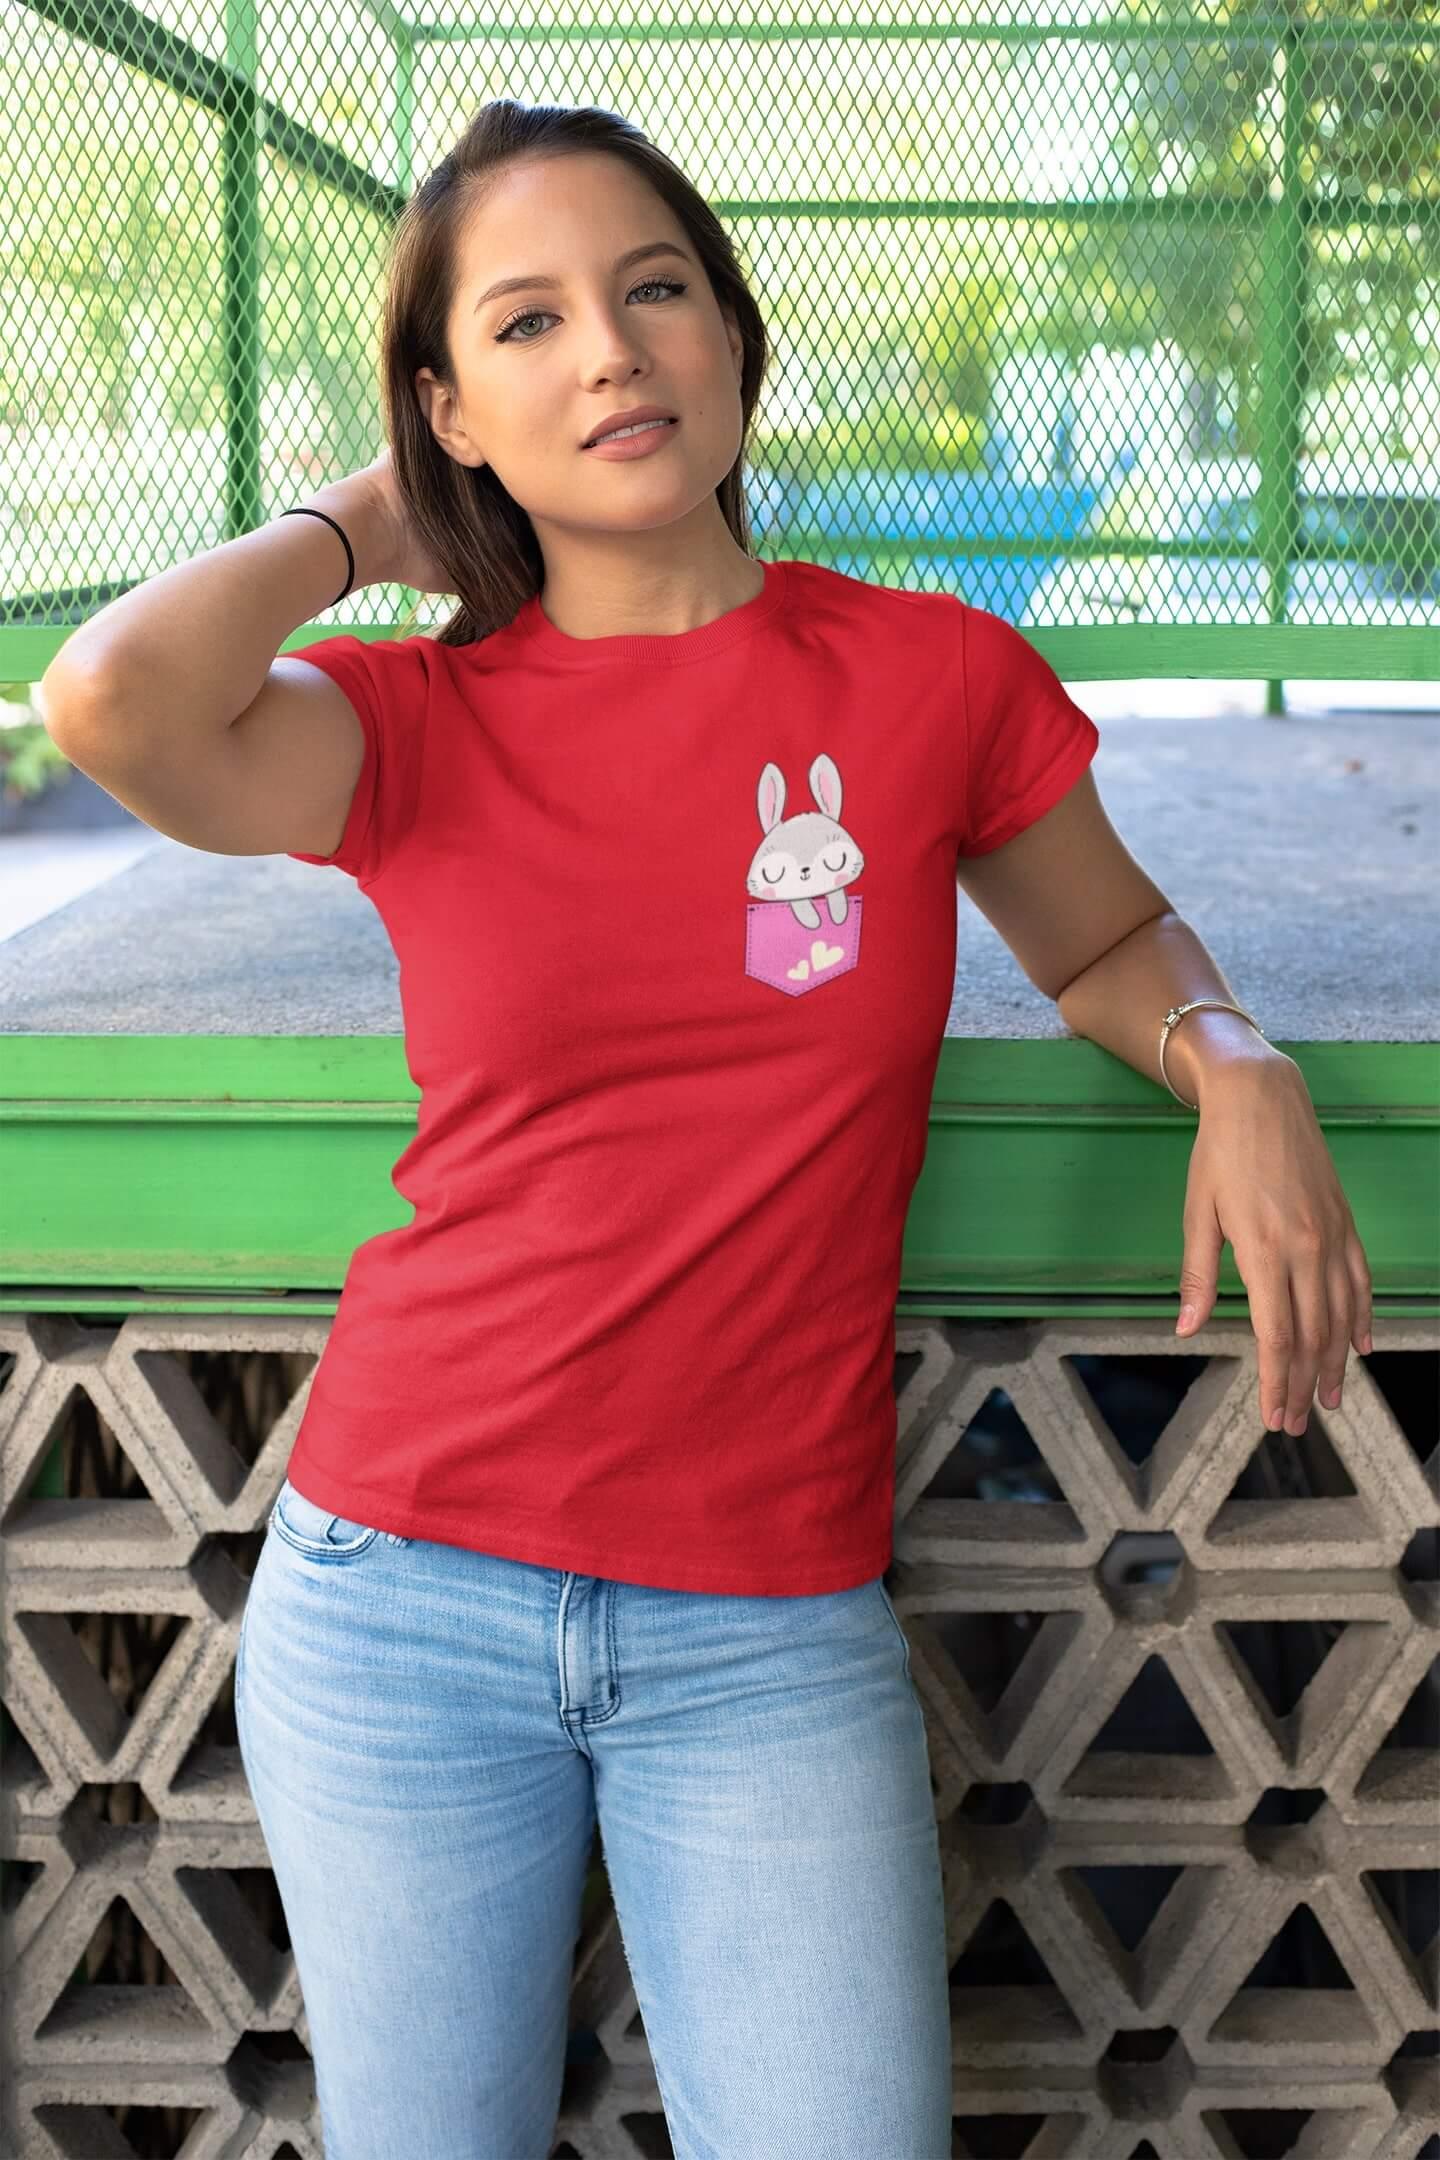 MMO Dámske tričko Zajko Vyberte farbu: Červená, Dámska veľkosť: M